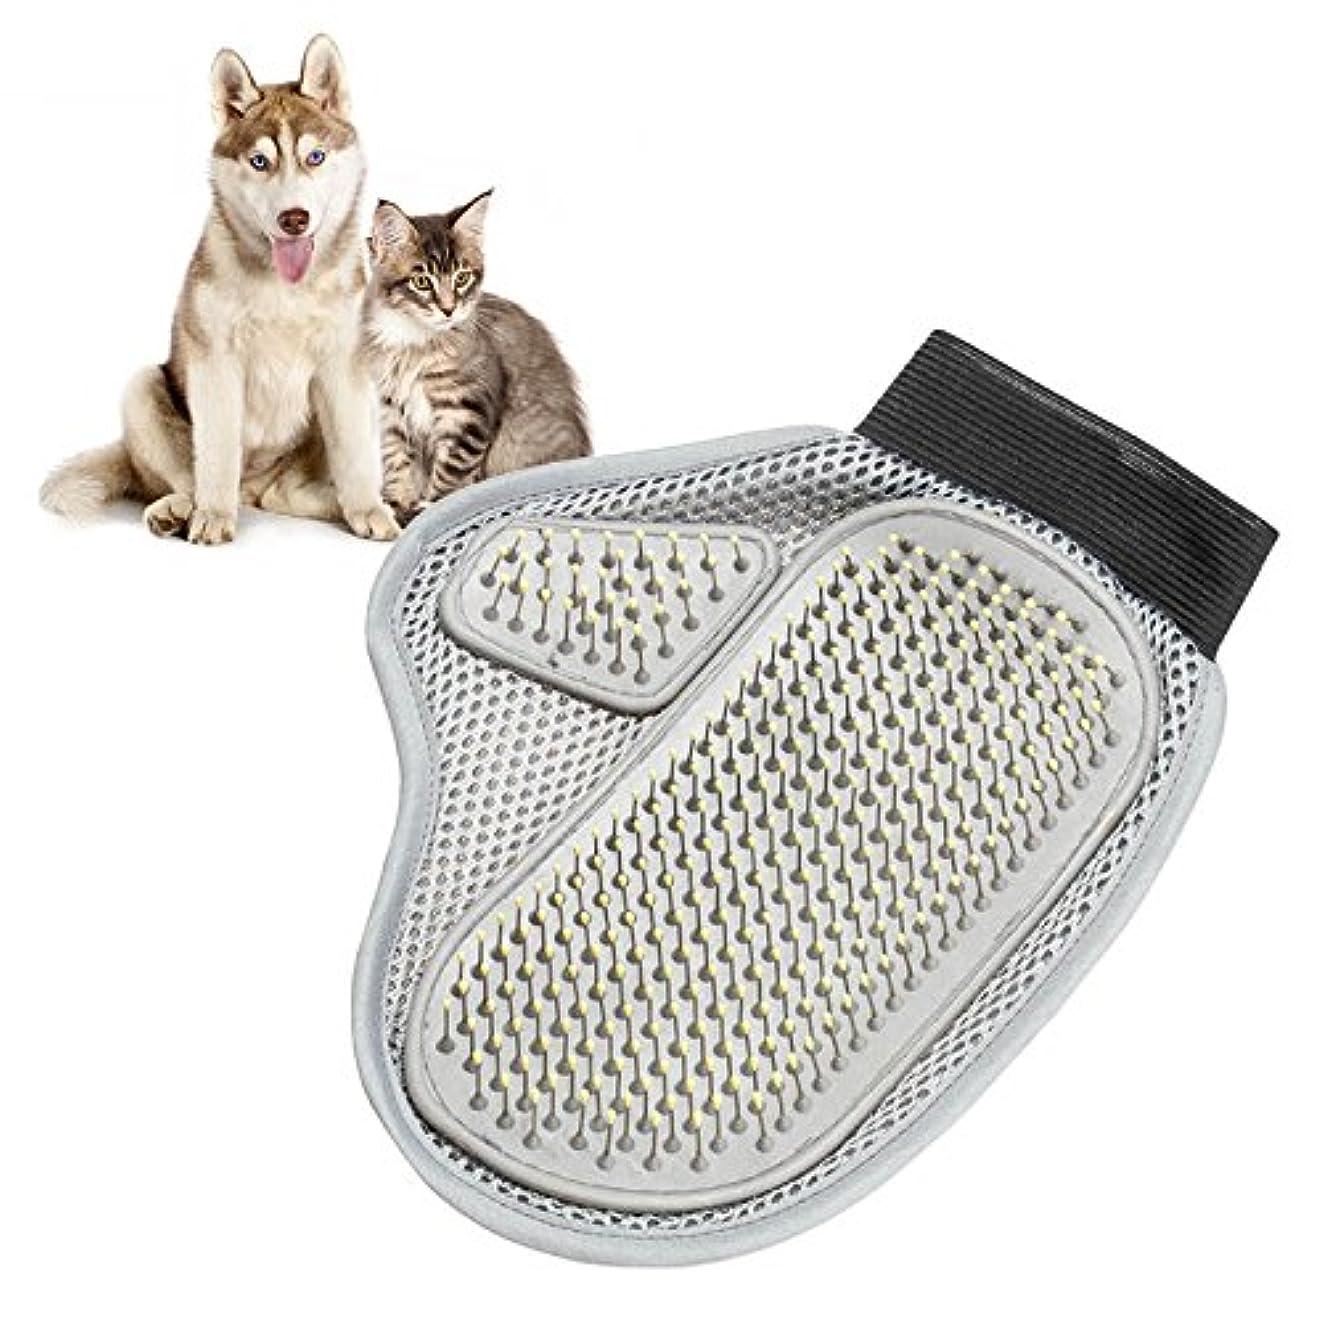 ハリウッド座るシリアルBTXXYJP ペット ブラシ 手袋 猫 ブラシ グローブ クリーナー 耐摩耗 抜け毛取り マッサージブラシ 犬 グローブ (Color : Gray, Size : M)